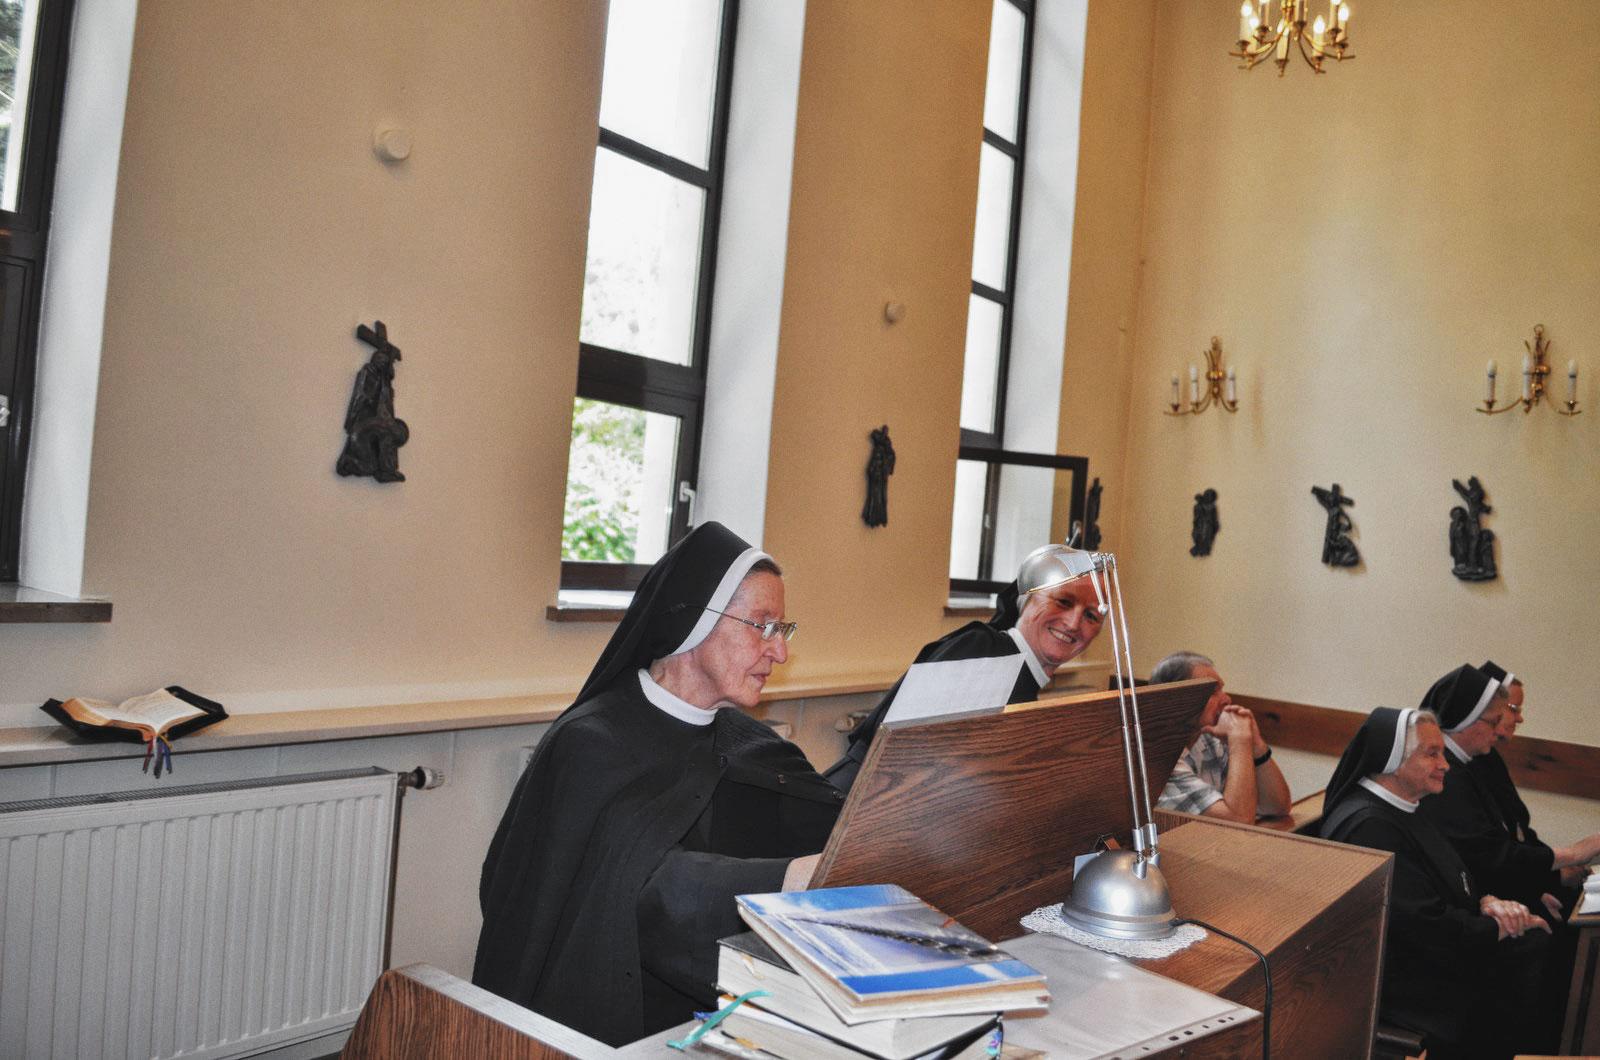 Sióstr_św_Elżbiety-Pierwsze_Śluby_fotorelacja-I-SLUBY-DSC_0591-min.jpg